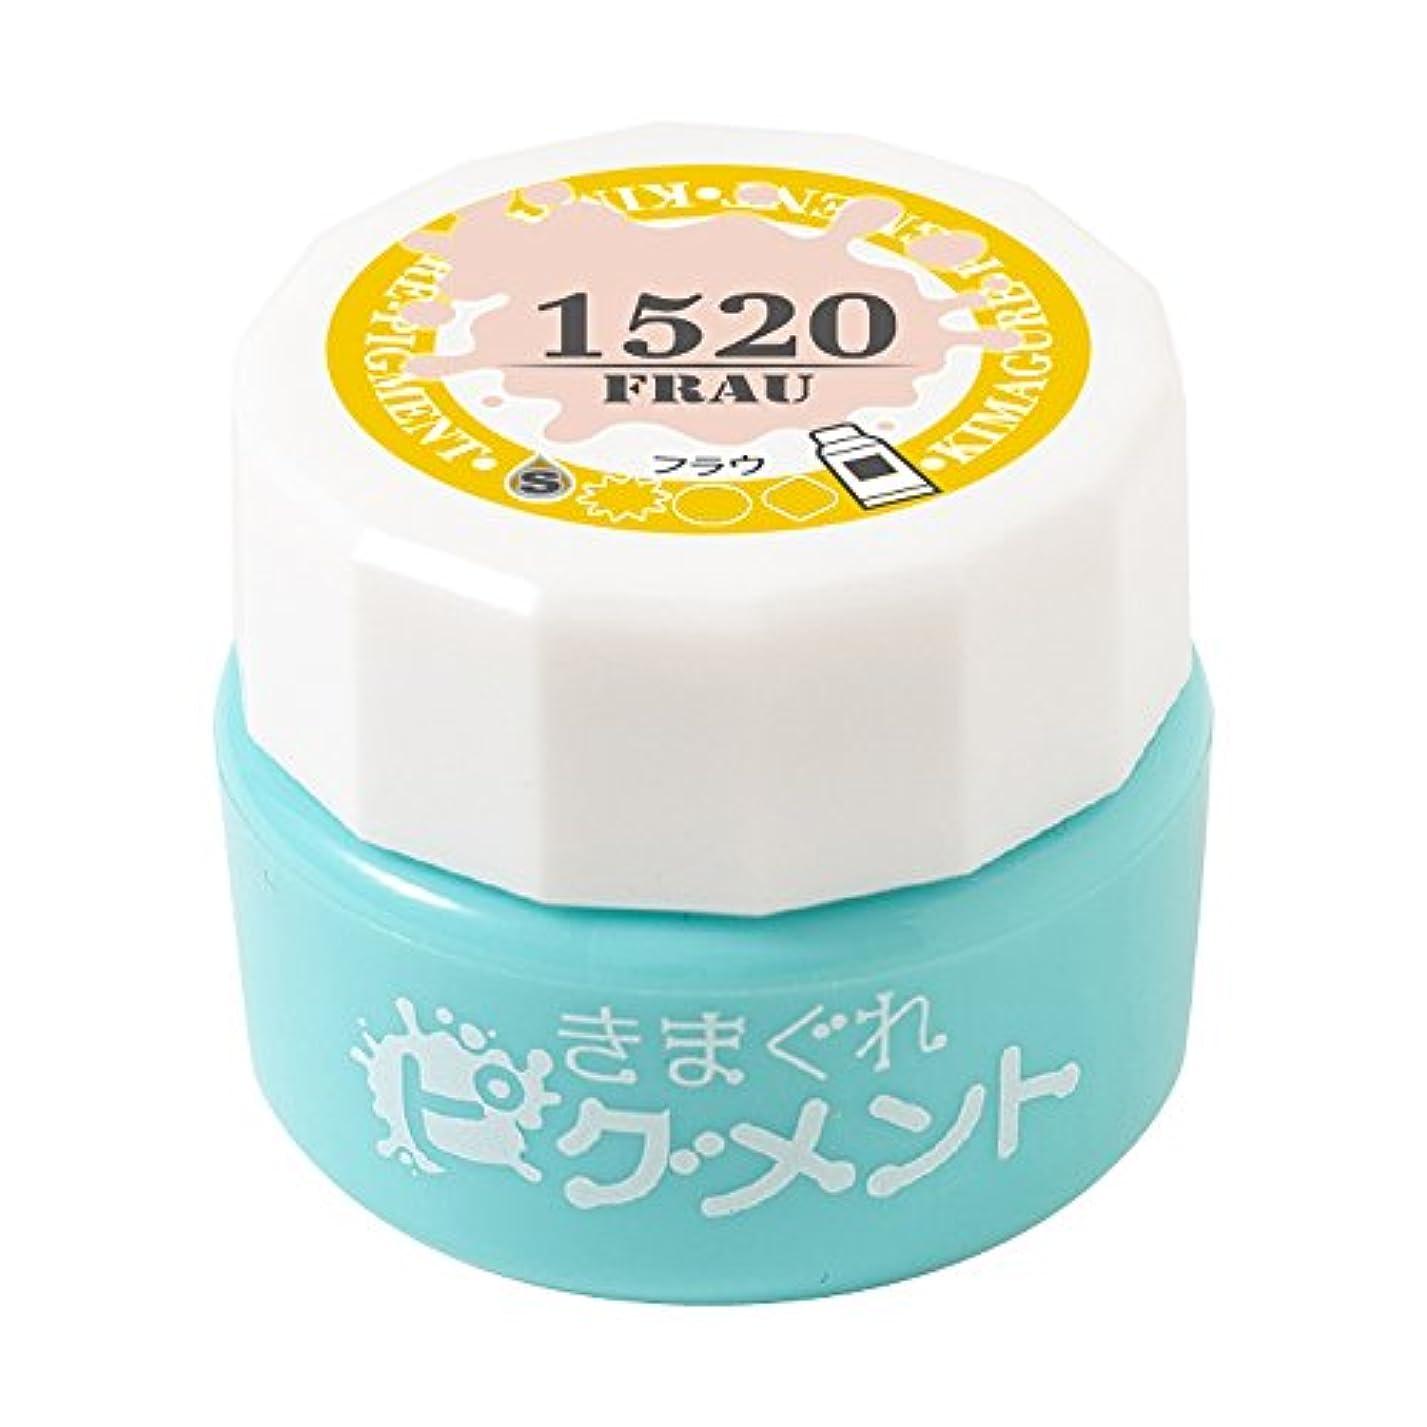 Bettygel きまぐれピグメント フラウ QYJ-1520 4g UV/LED対応